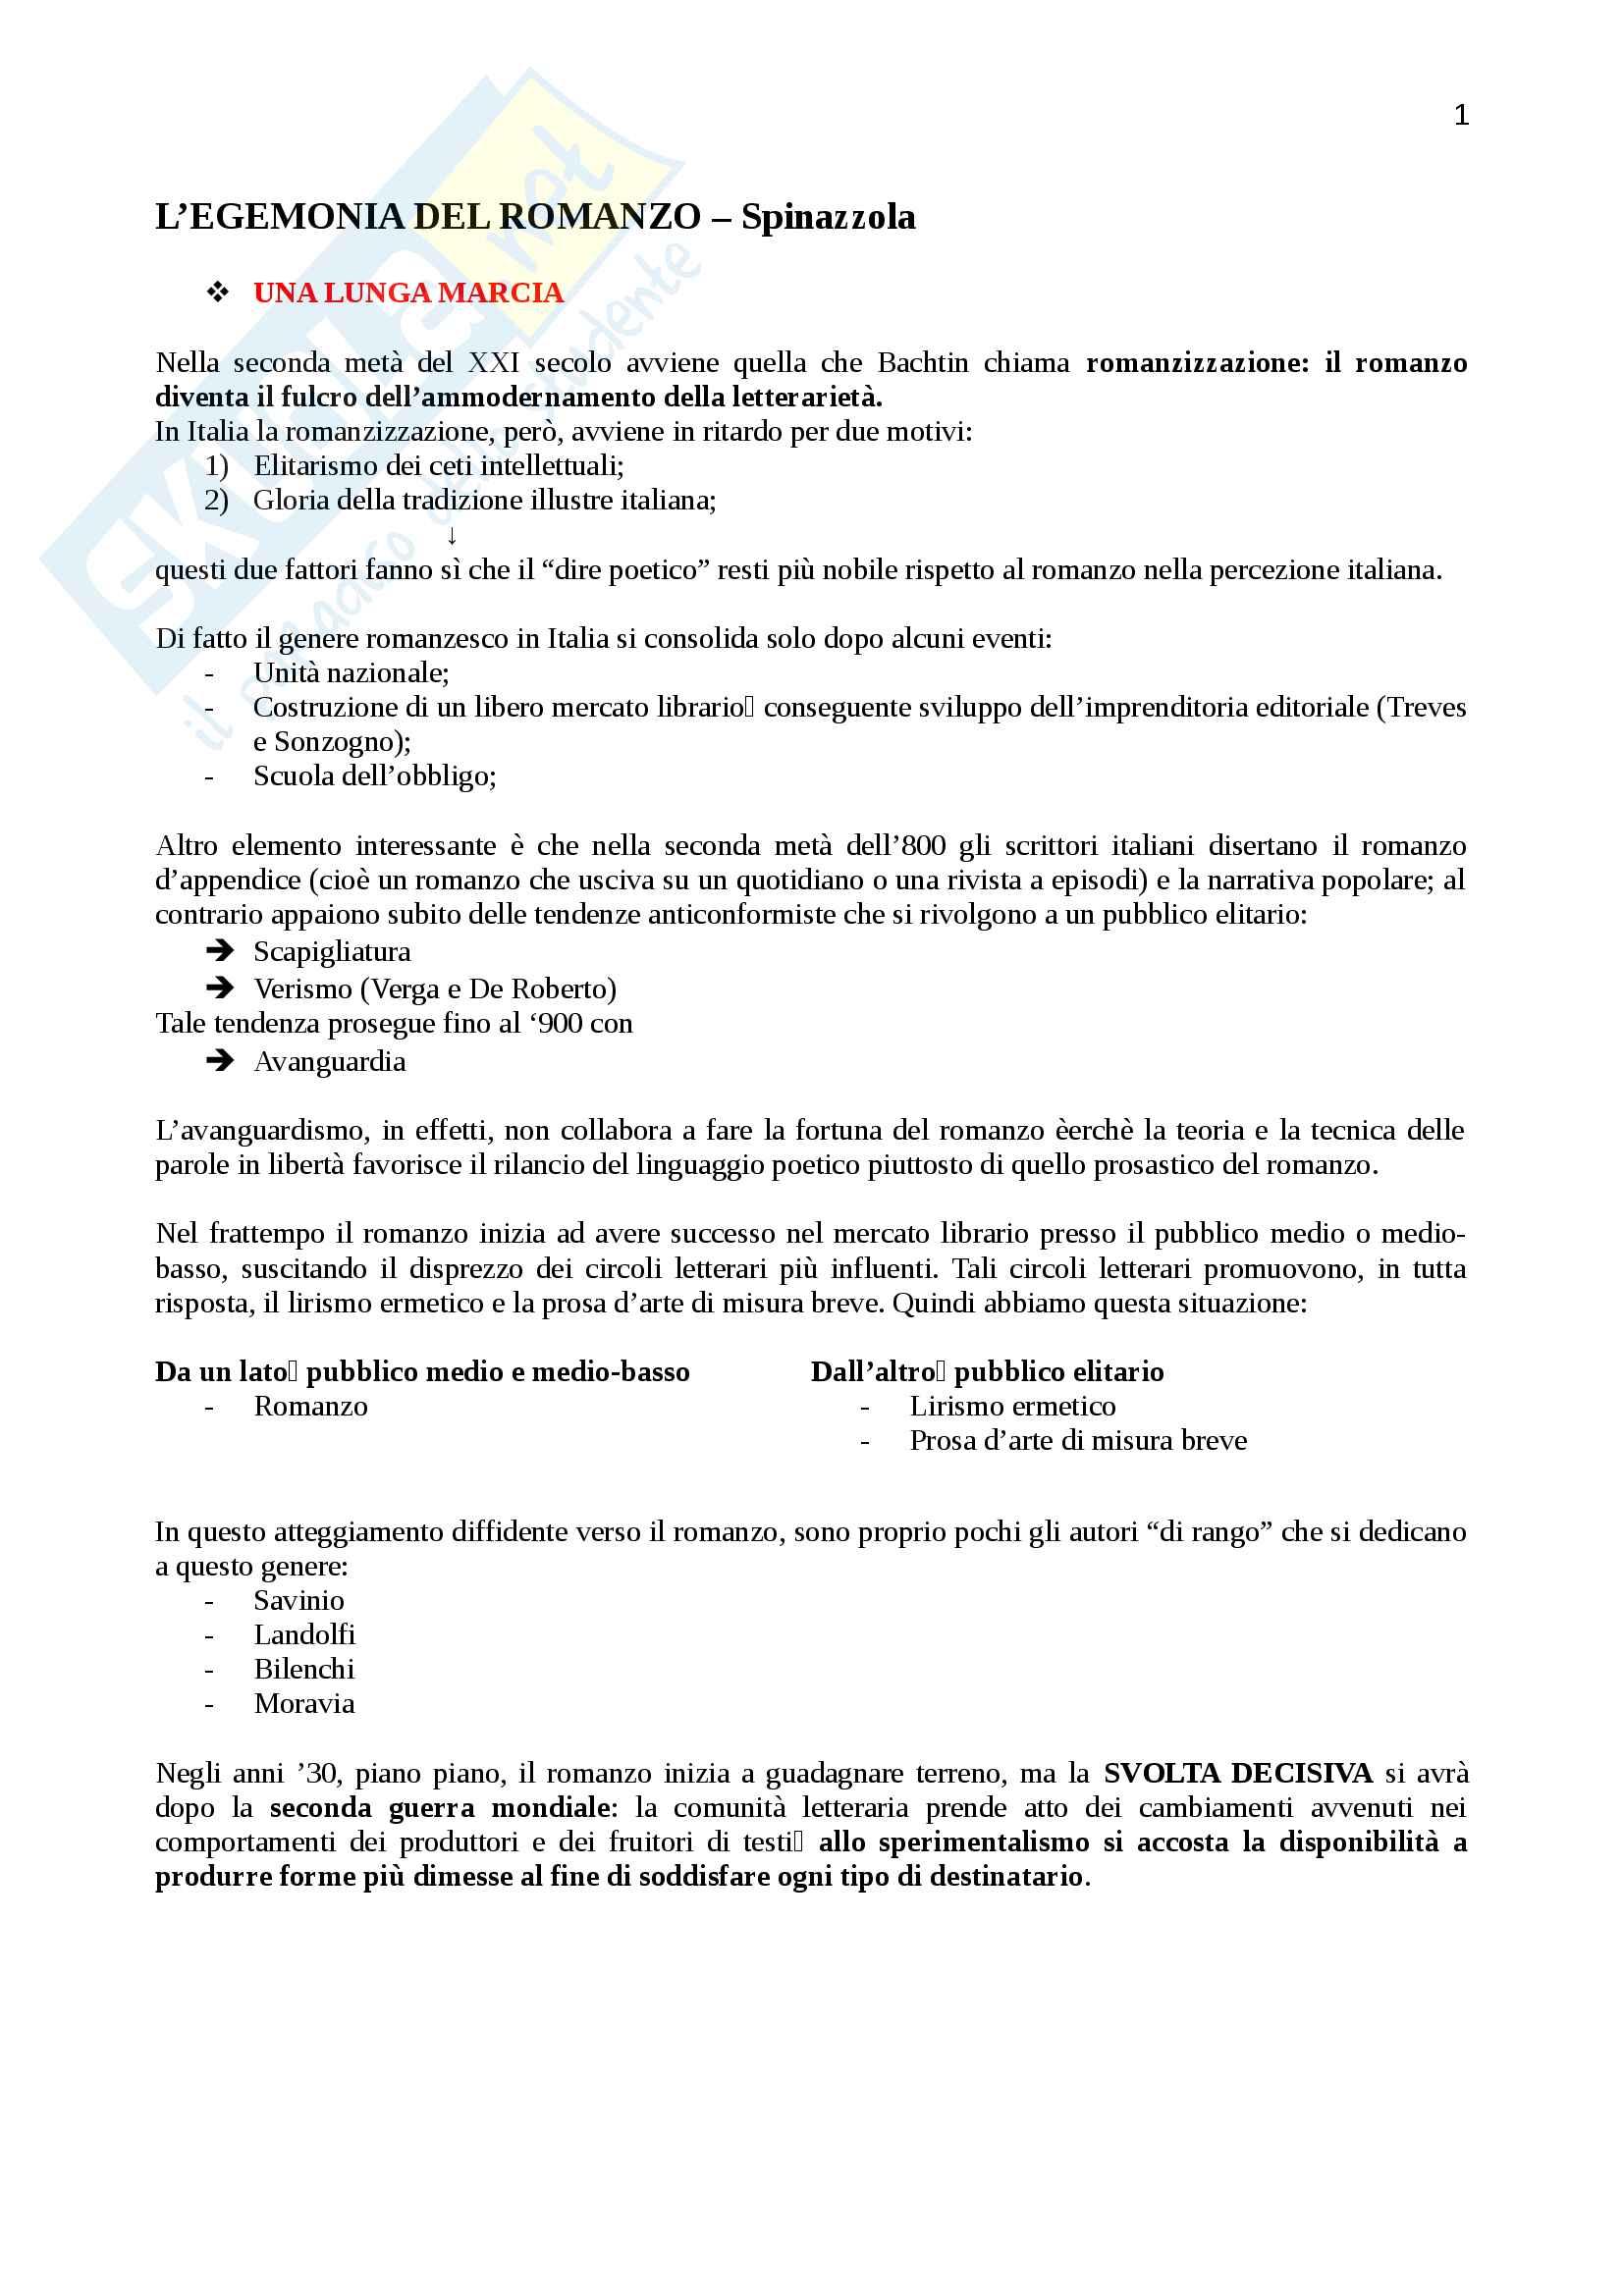 """Riassunto per """"Letteratura italiana otto-novecentesca"""", prof. Rosa, libro consigliato """"L'egemonia del romanzo"""" di Spinazzola , pag.7-68"""